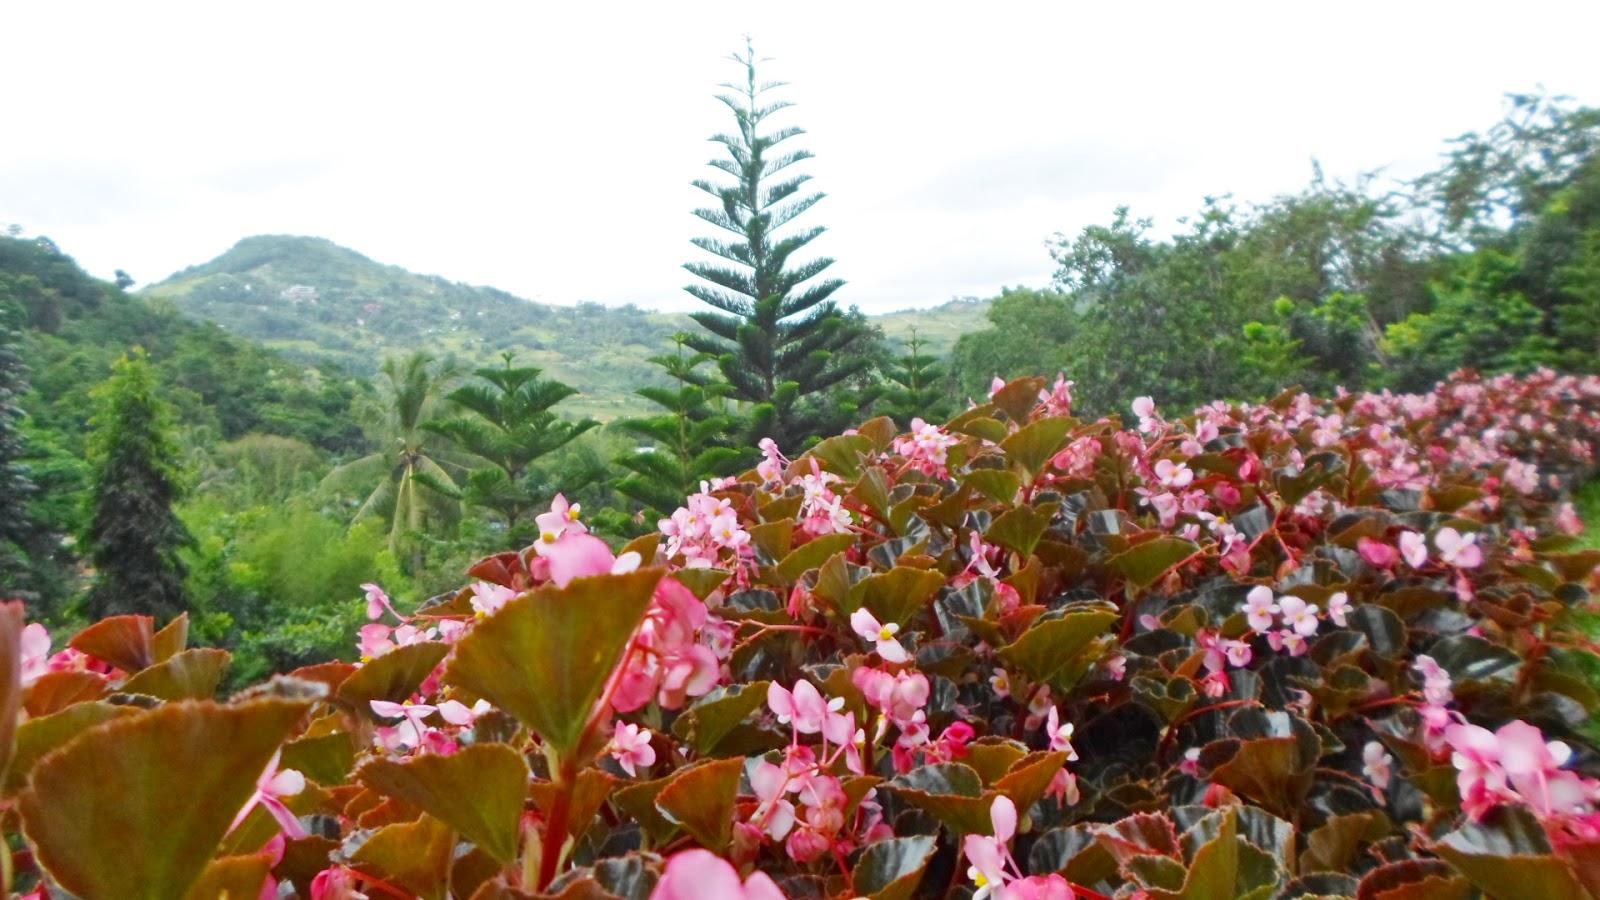 Poetic Isolation Terrazas De Flores Botanical Garden Cebu